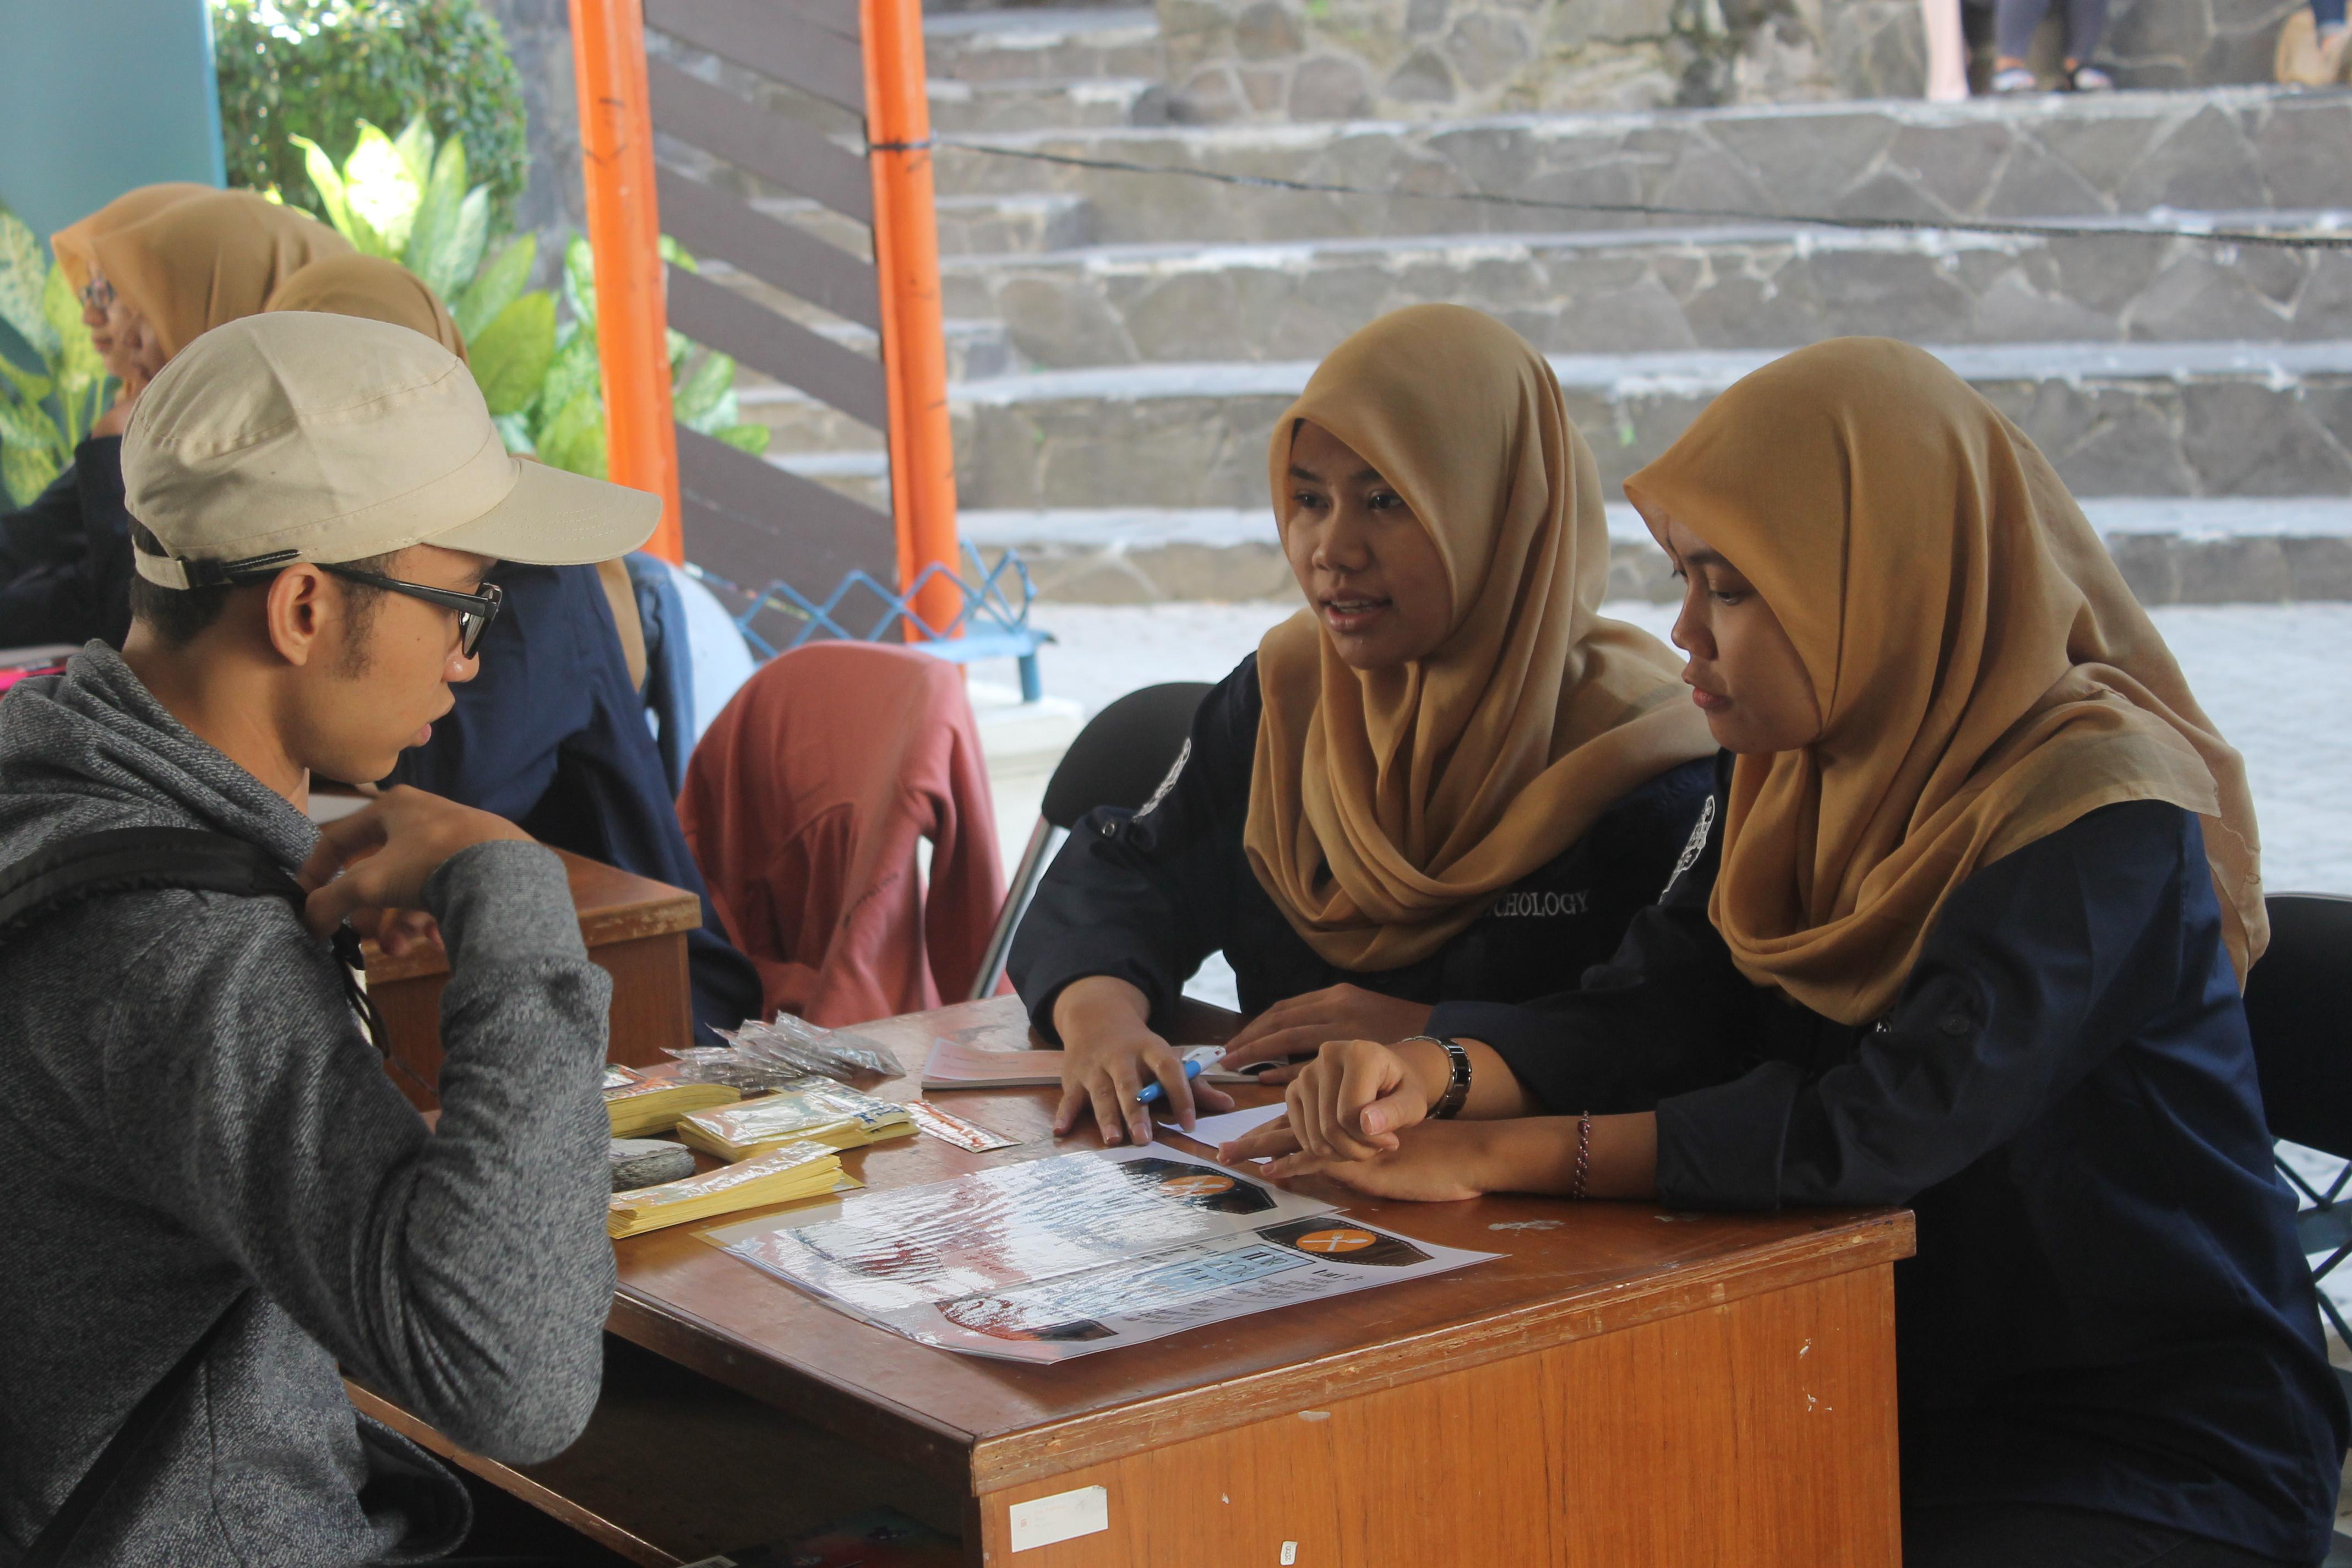 Panitia divisi danus sedang menawarkan menu makanan kepada salah satu mahasiswa baru. (Foto oleh: N. M. Razak Nugraha)